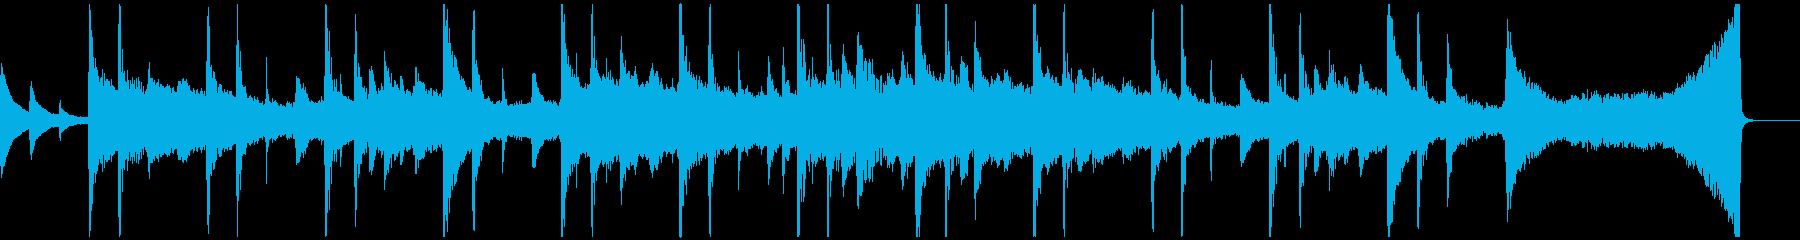 ピアノ・幻想的・風・ノスタルジック Cの再生済みの波形